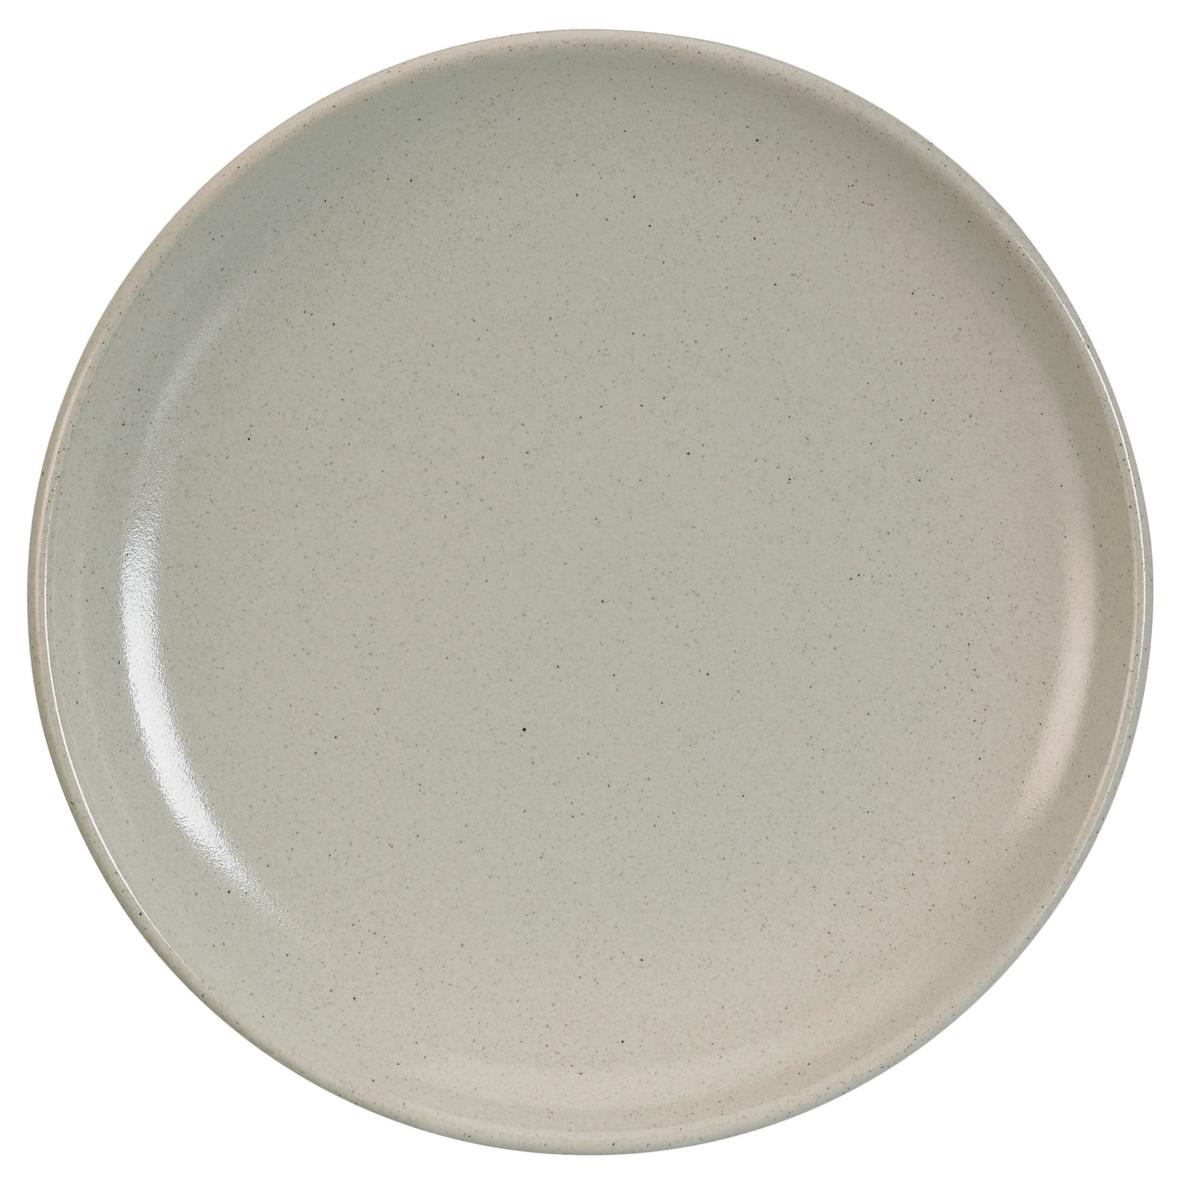 Assiette plate ronde écru grès Ø 19 cm Gres Couleur Pro.mundi